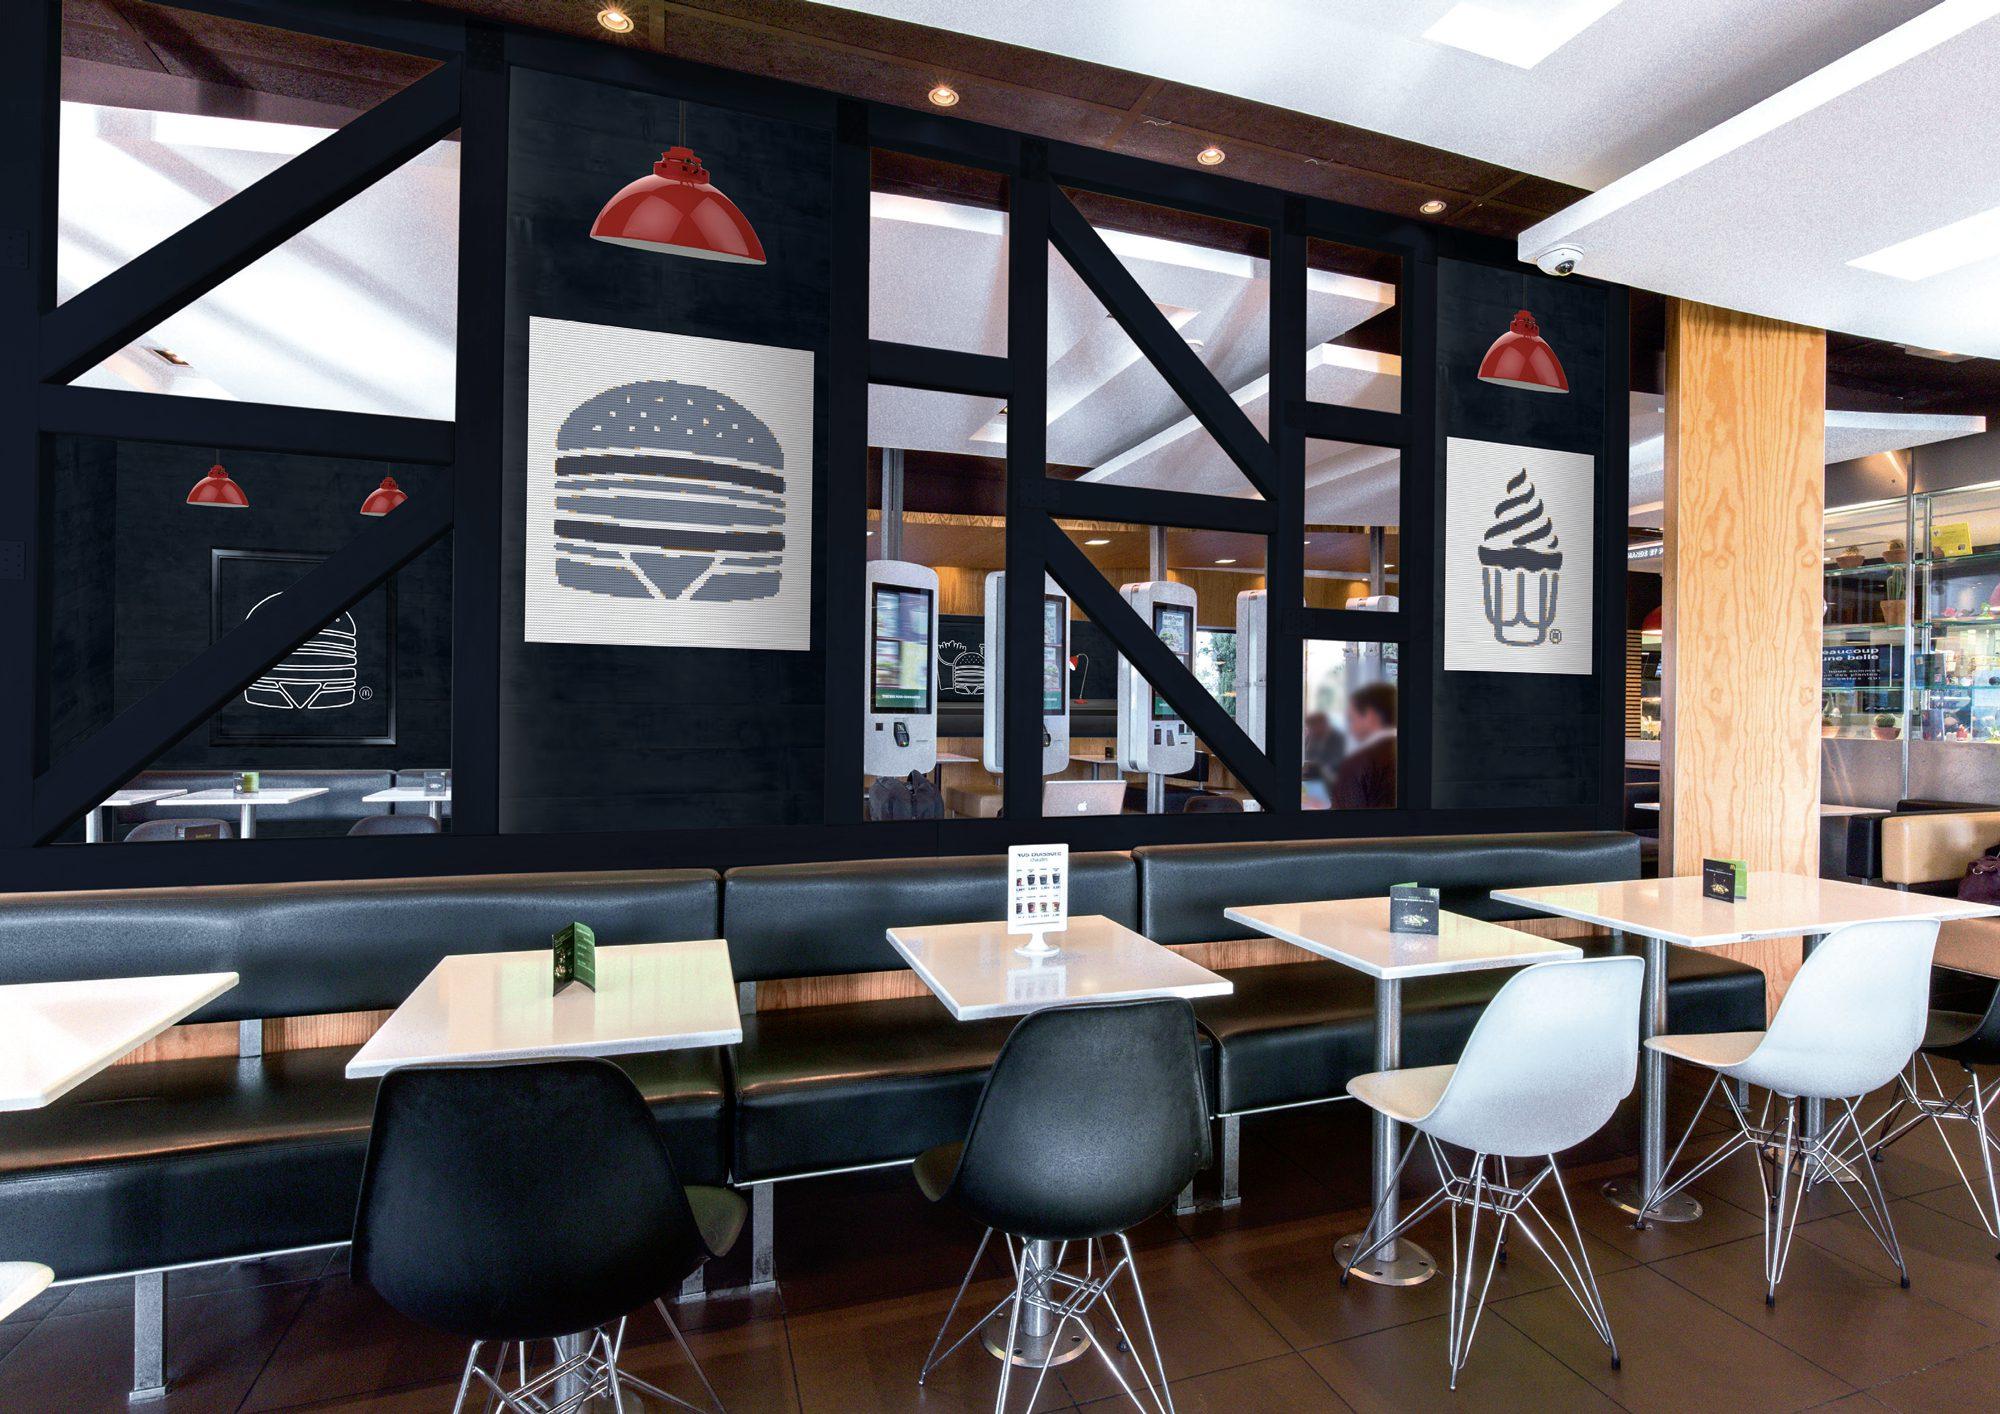 decoration restaurant mc donald's par picture design